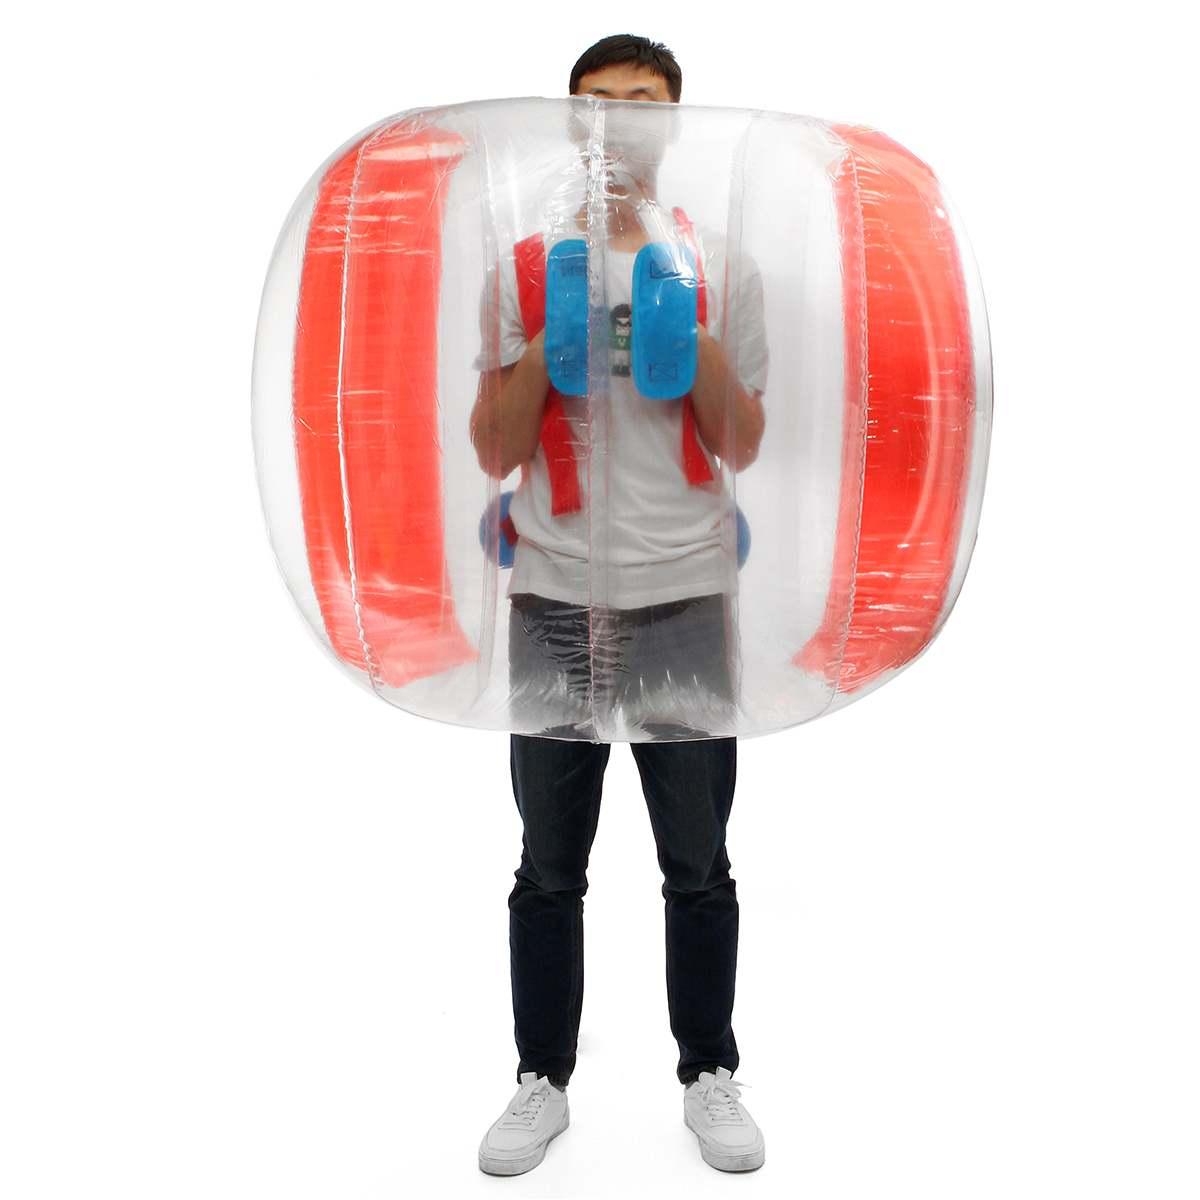 Bubble Voetbal Zorb Bal 120CM Bumper Bal Opblaasbare Body Zorb Bubble Bal Voetbal Kids Outdoor Speelgoed Kerstcadeau - 2